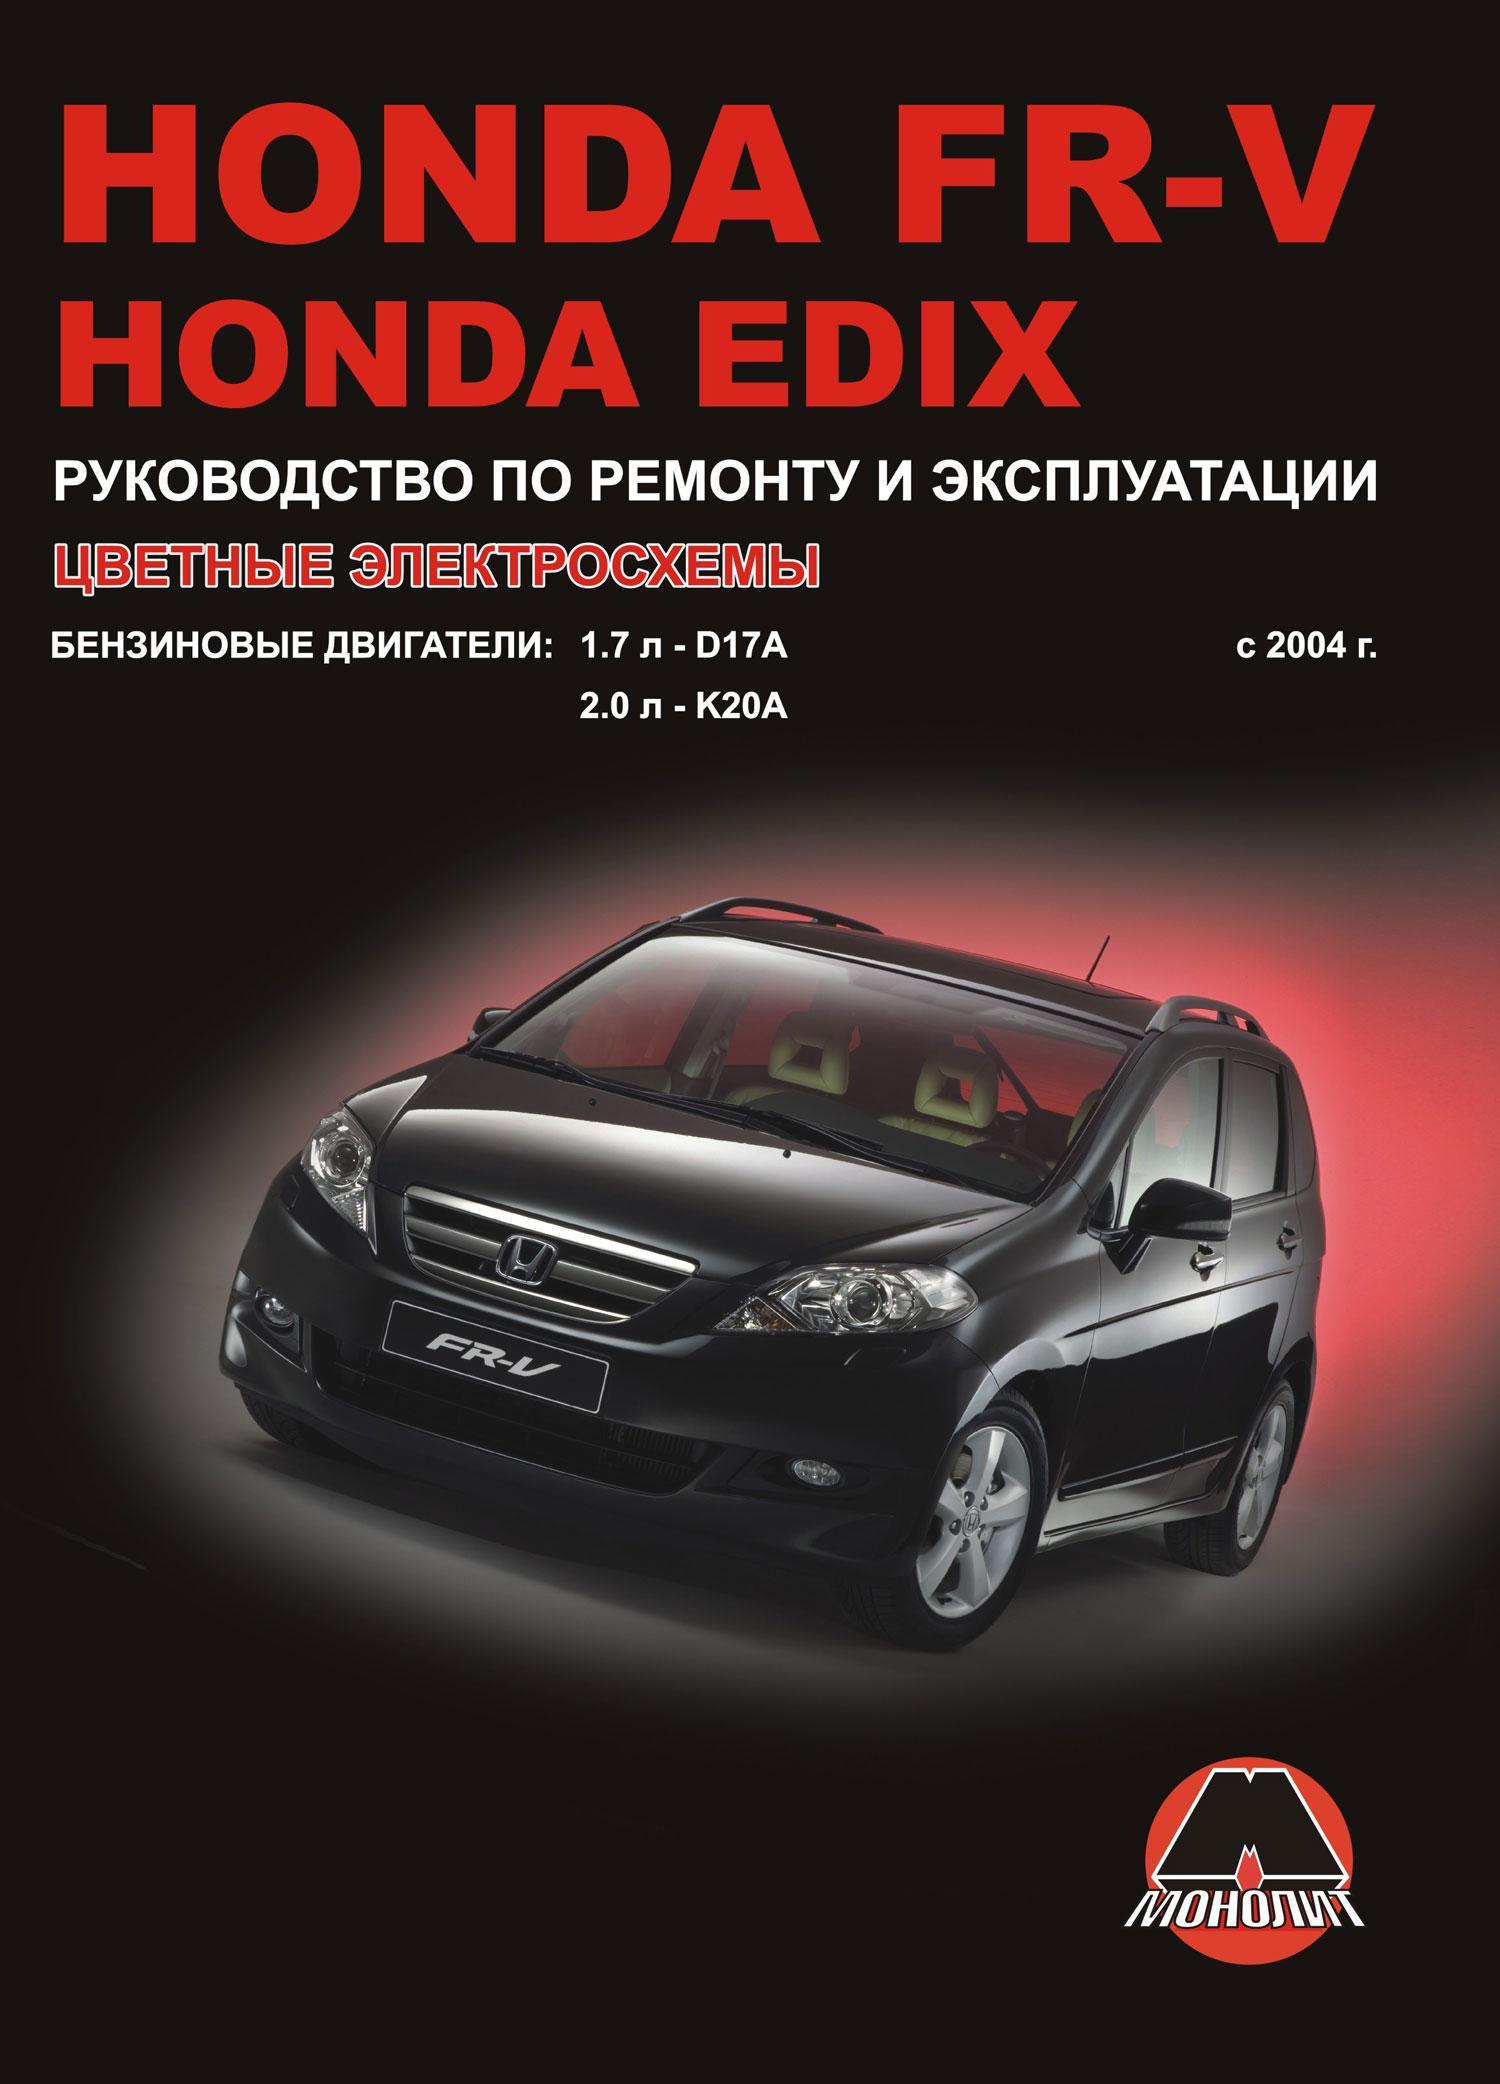 Руководства по ремонту для автомобилей honda: accord, city, civic.